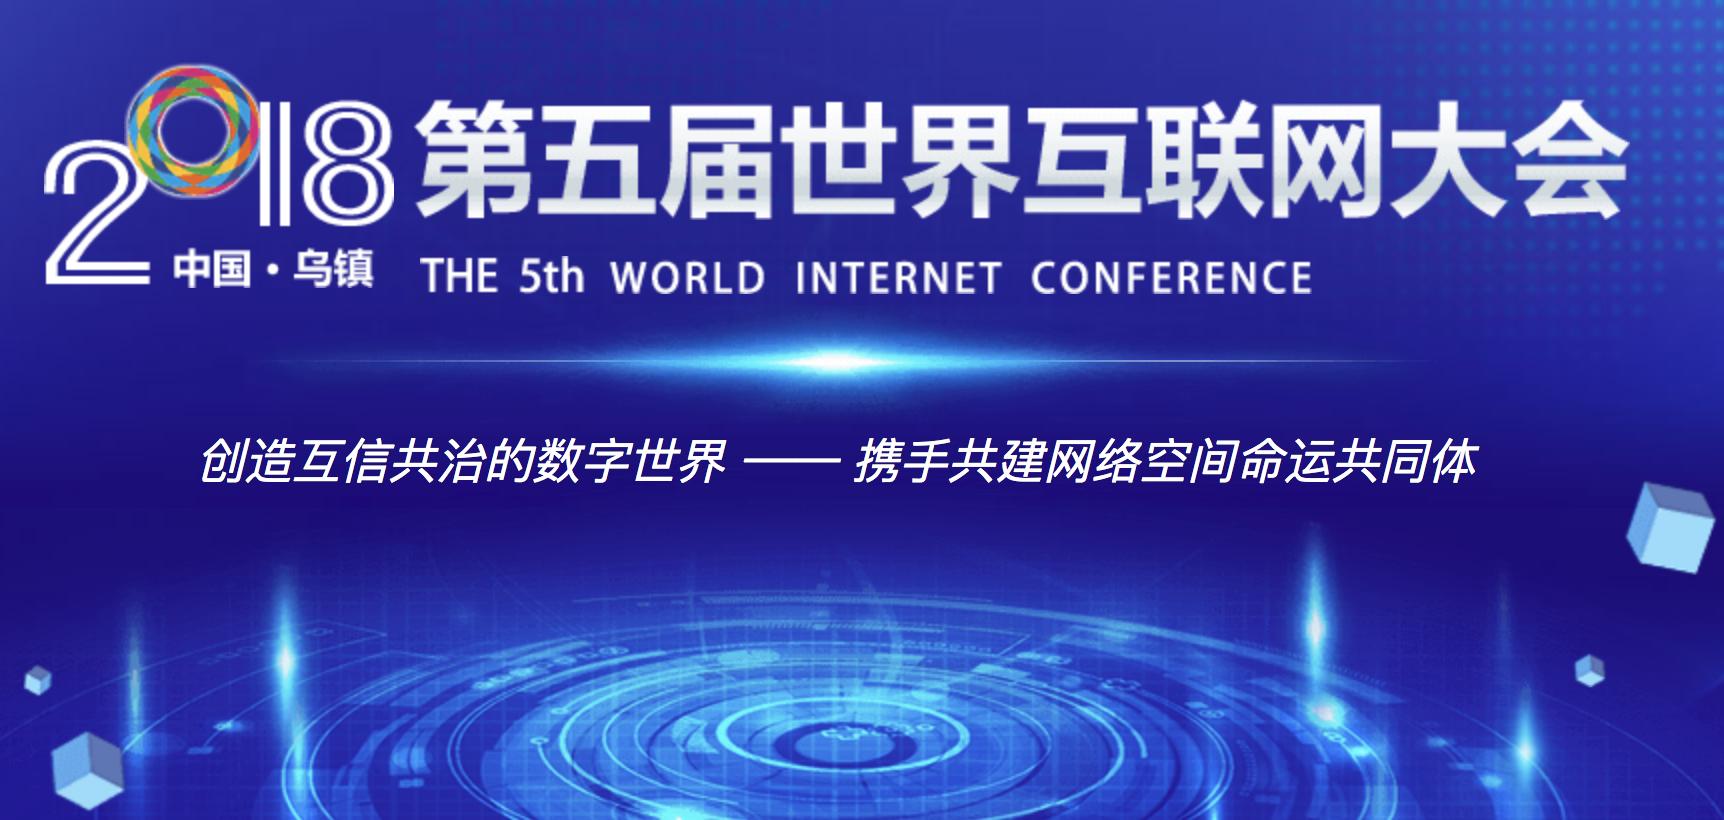 乌镇互联网大会开幕第一天行业大佬们都说了啥?